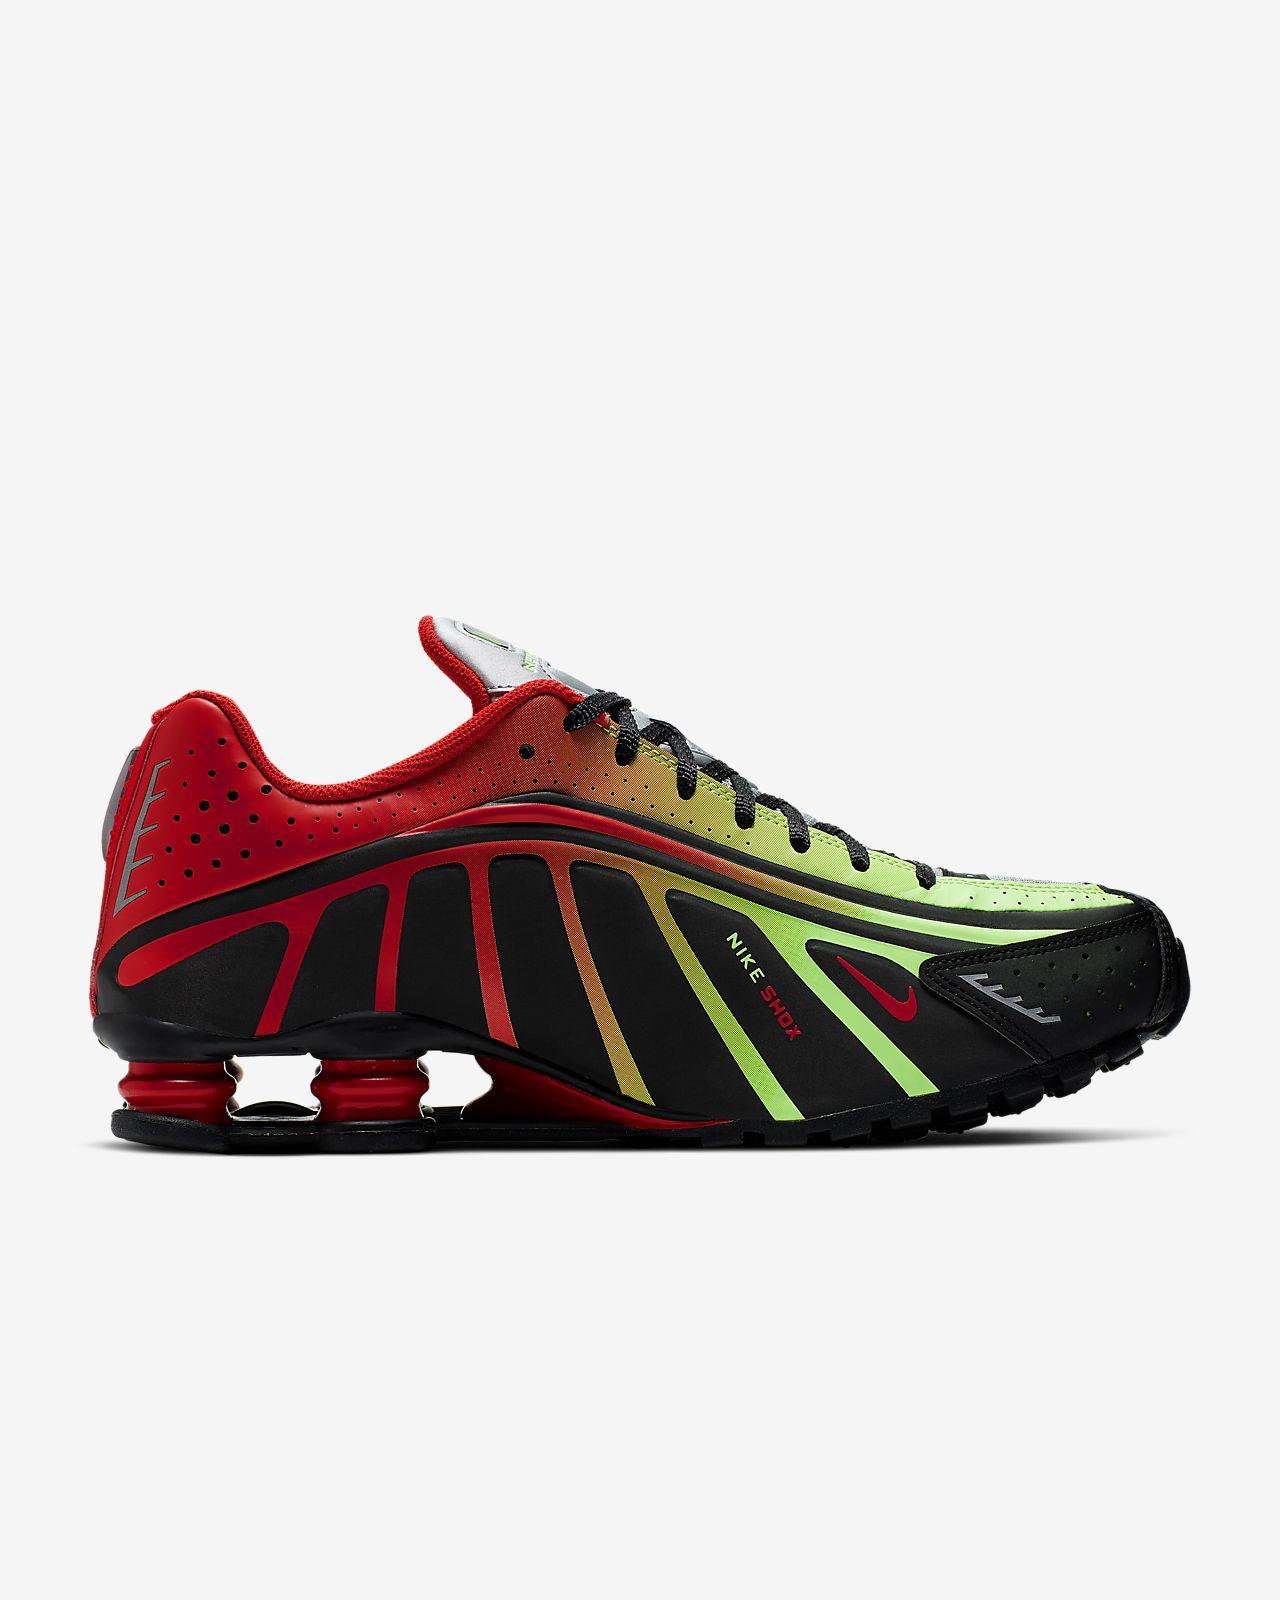 Chaussure Nike Shox R4 Neymar Jr.